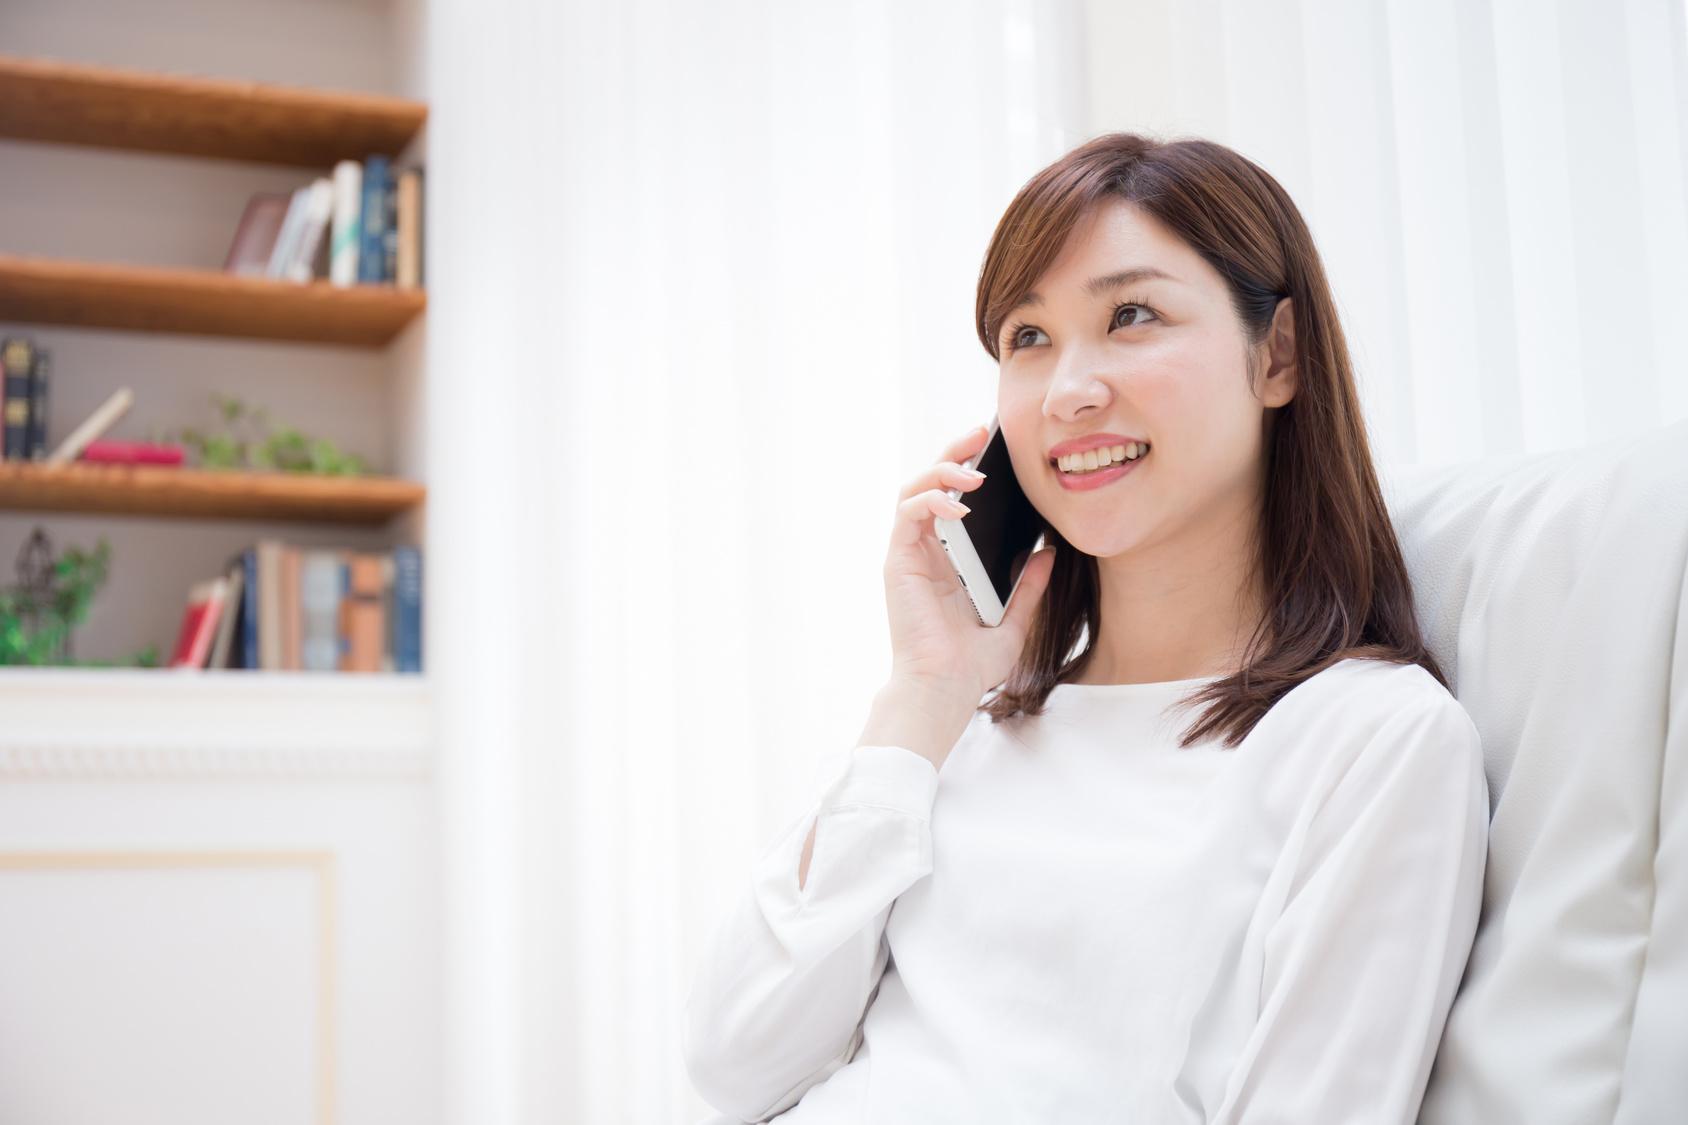 彼氏 毎日 電話 彼氏と毎日電話するカップルが長続きするの?理想的な電話の頻度や内...